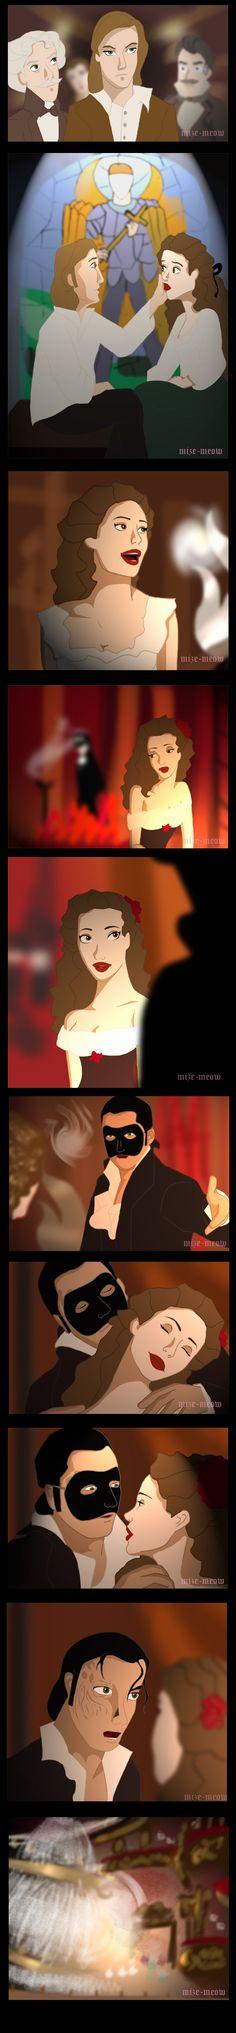 Phantom of the opera 7 by Mize-meow.deviantart.com